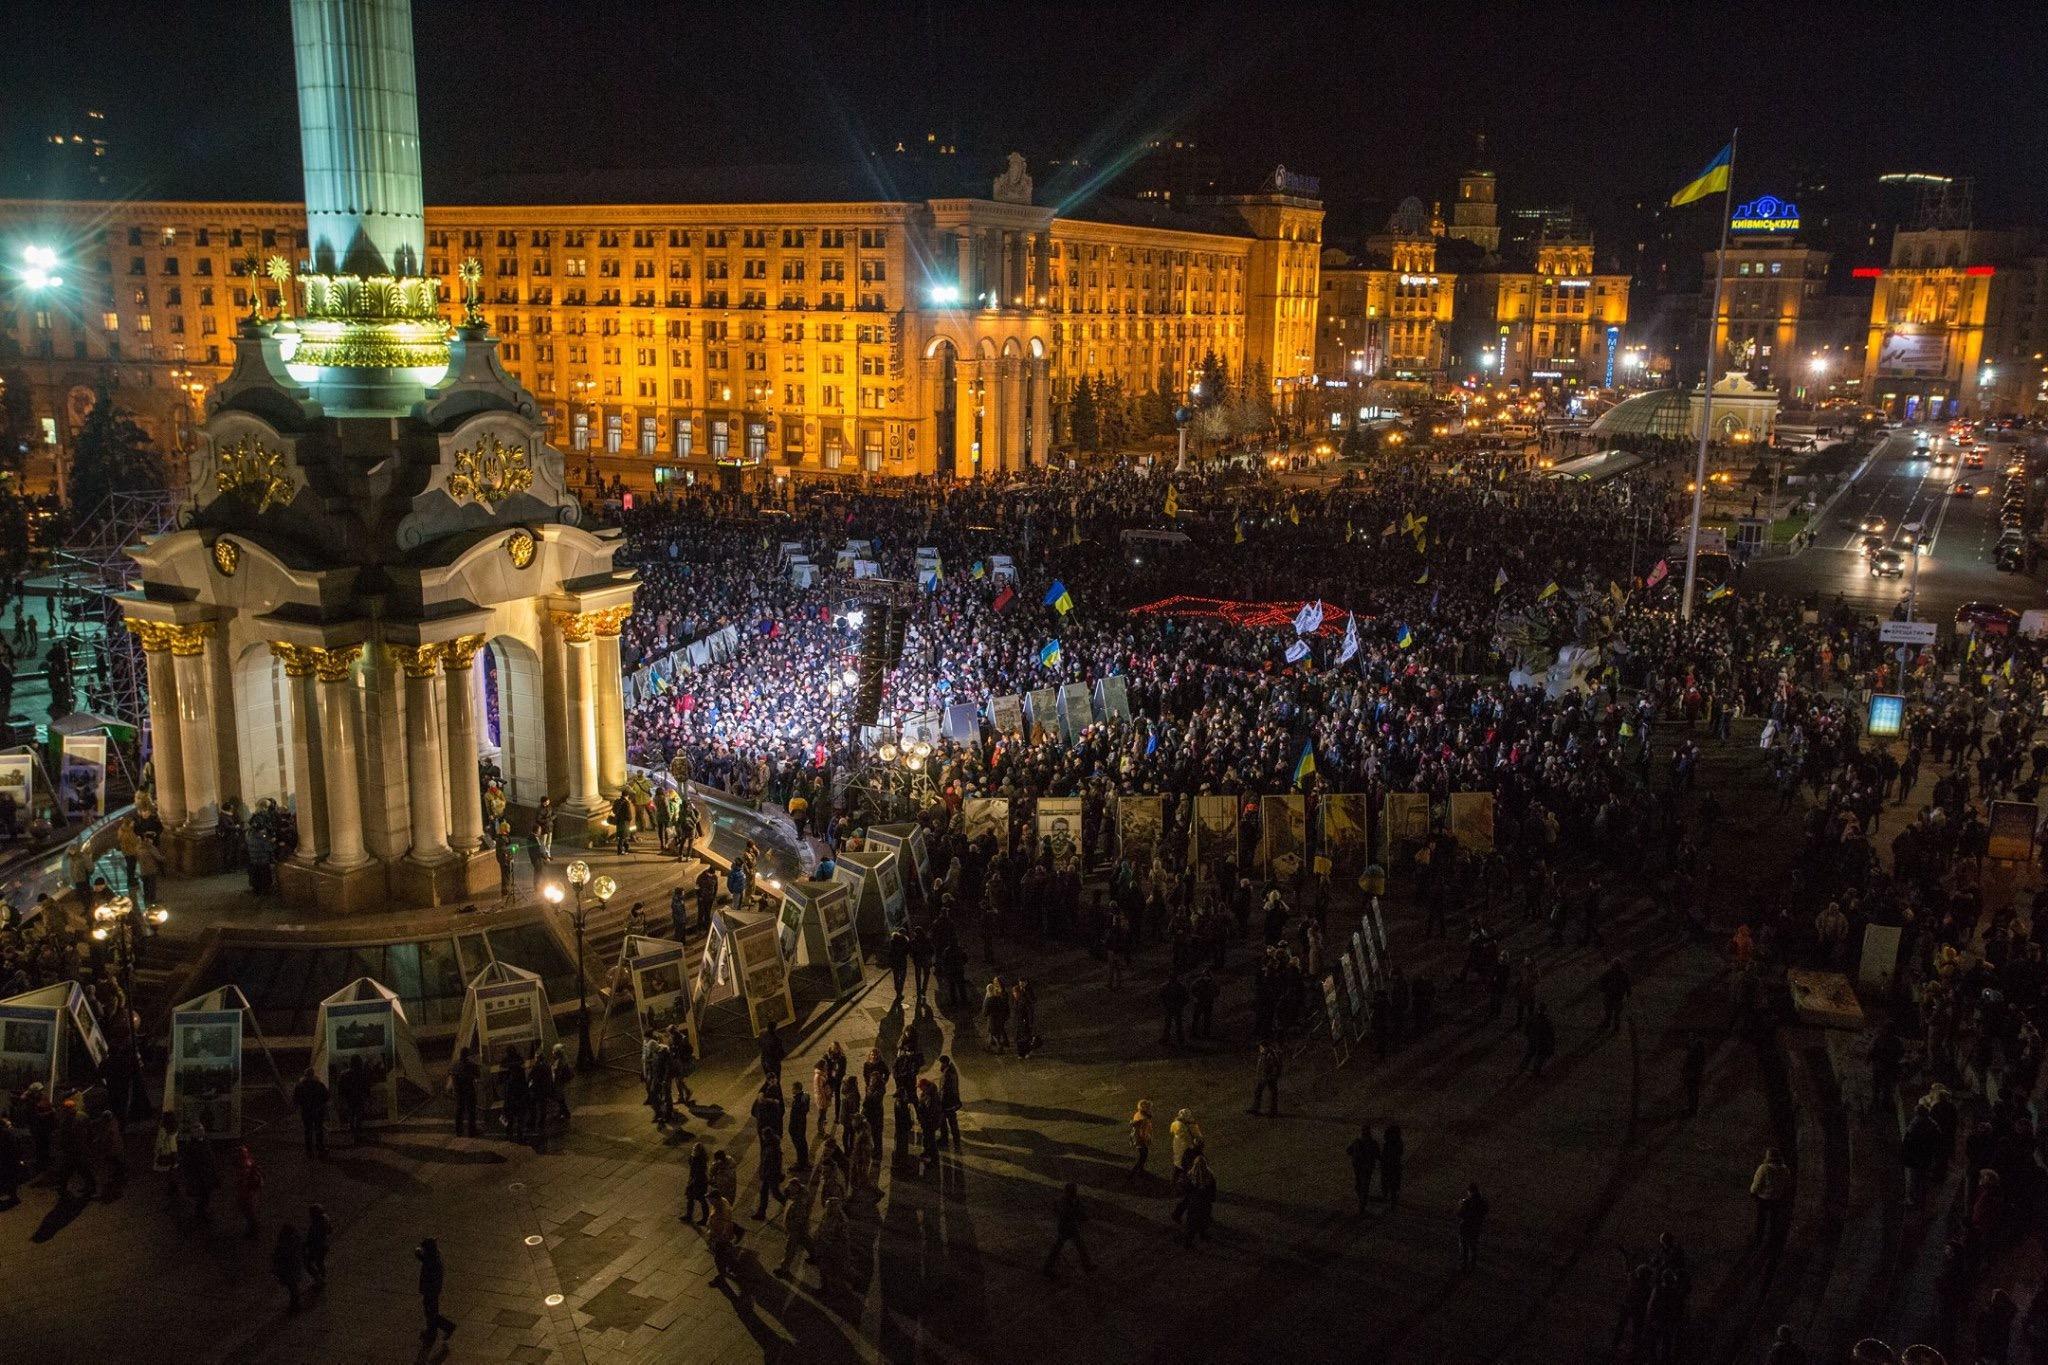 Ночь в Донецке прошла крайне напряженно. Артиллерийские залпы и взрывы были слышны во многих районах, - мэрия - Цензор.НЕТ 6055